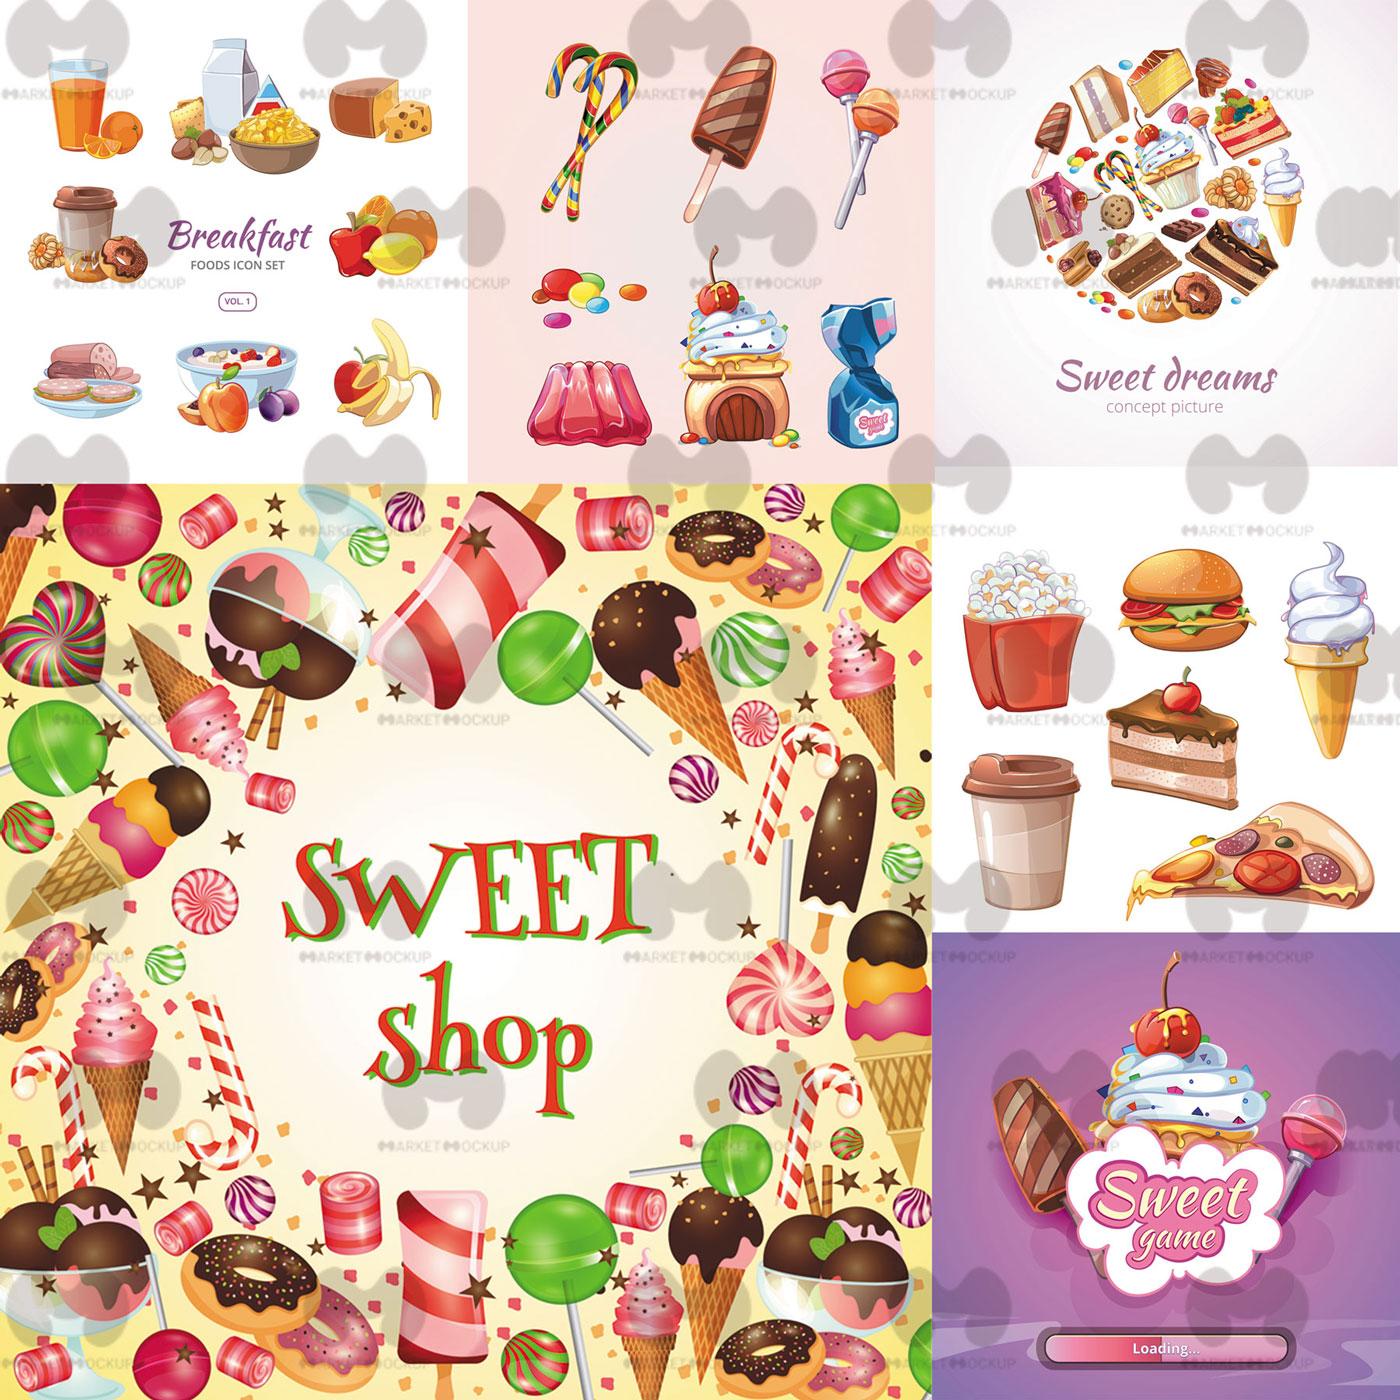 دانلود وکتور مجموعه شیرینی و کیک خوشمزه همراه با فست فود (شامل 20 فایل وکتور)